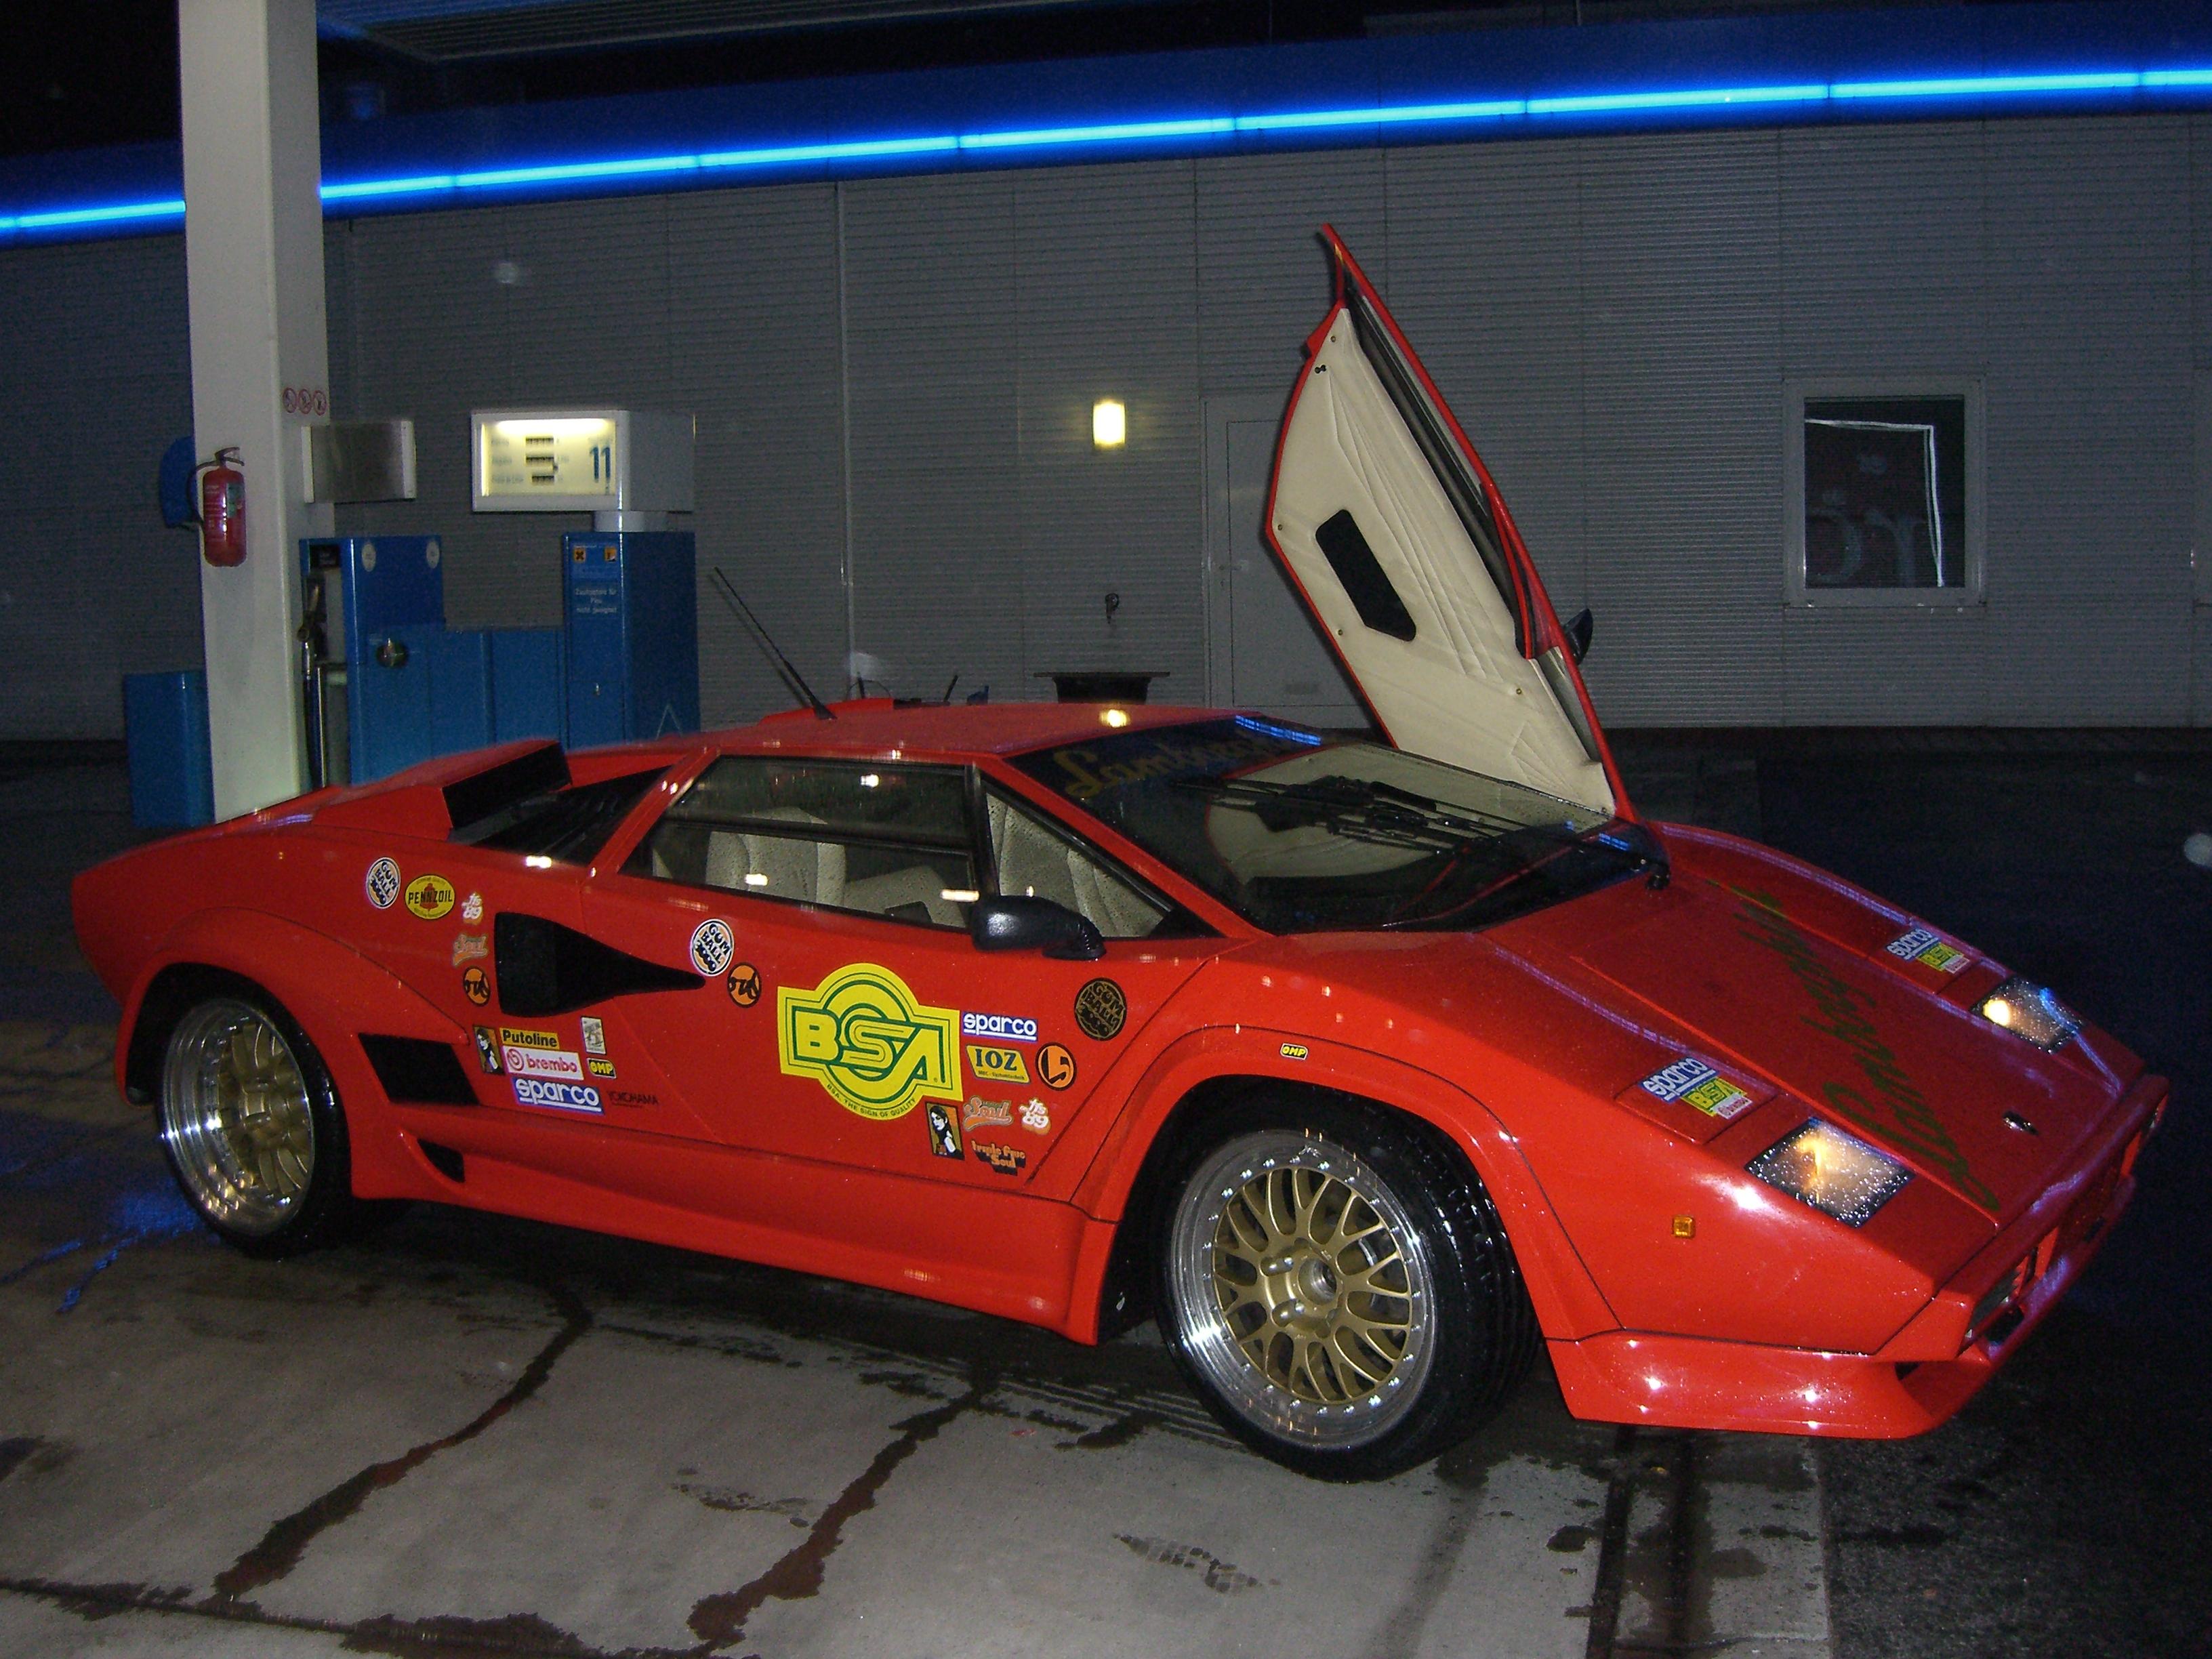 N%C3%BCrnberg%20COYS%20Dez.06%20133 Wonderful Lamborghini Countach Strohm De Rella Cars Trend